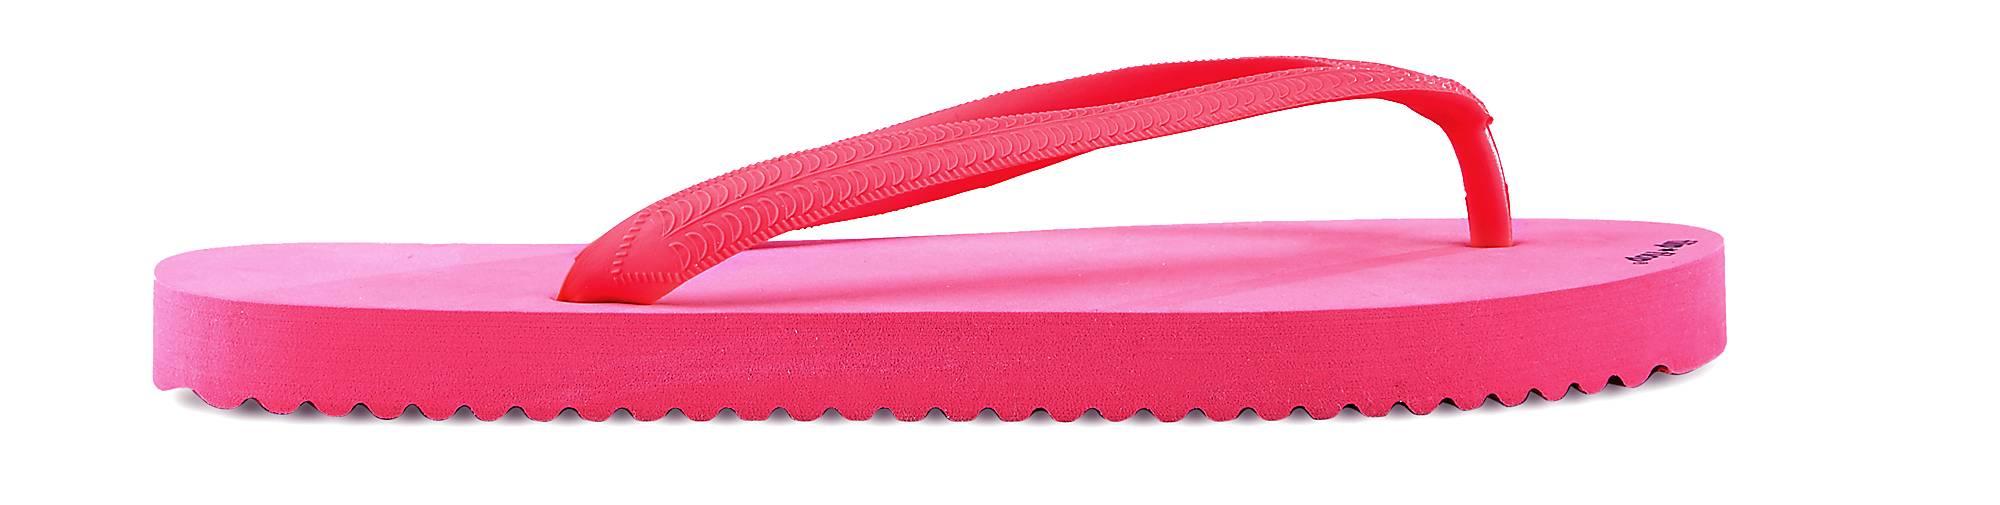 flip*flop ORIGINAL FLIP*FLOP in | pink kaufen - 45360607 | in GÖRTZ Gute Qualität beliebte Schuhe c389c5